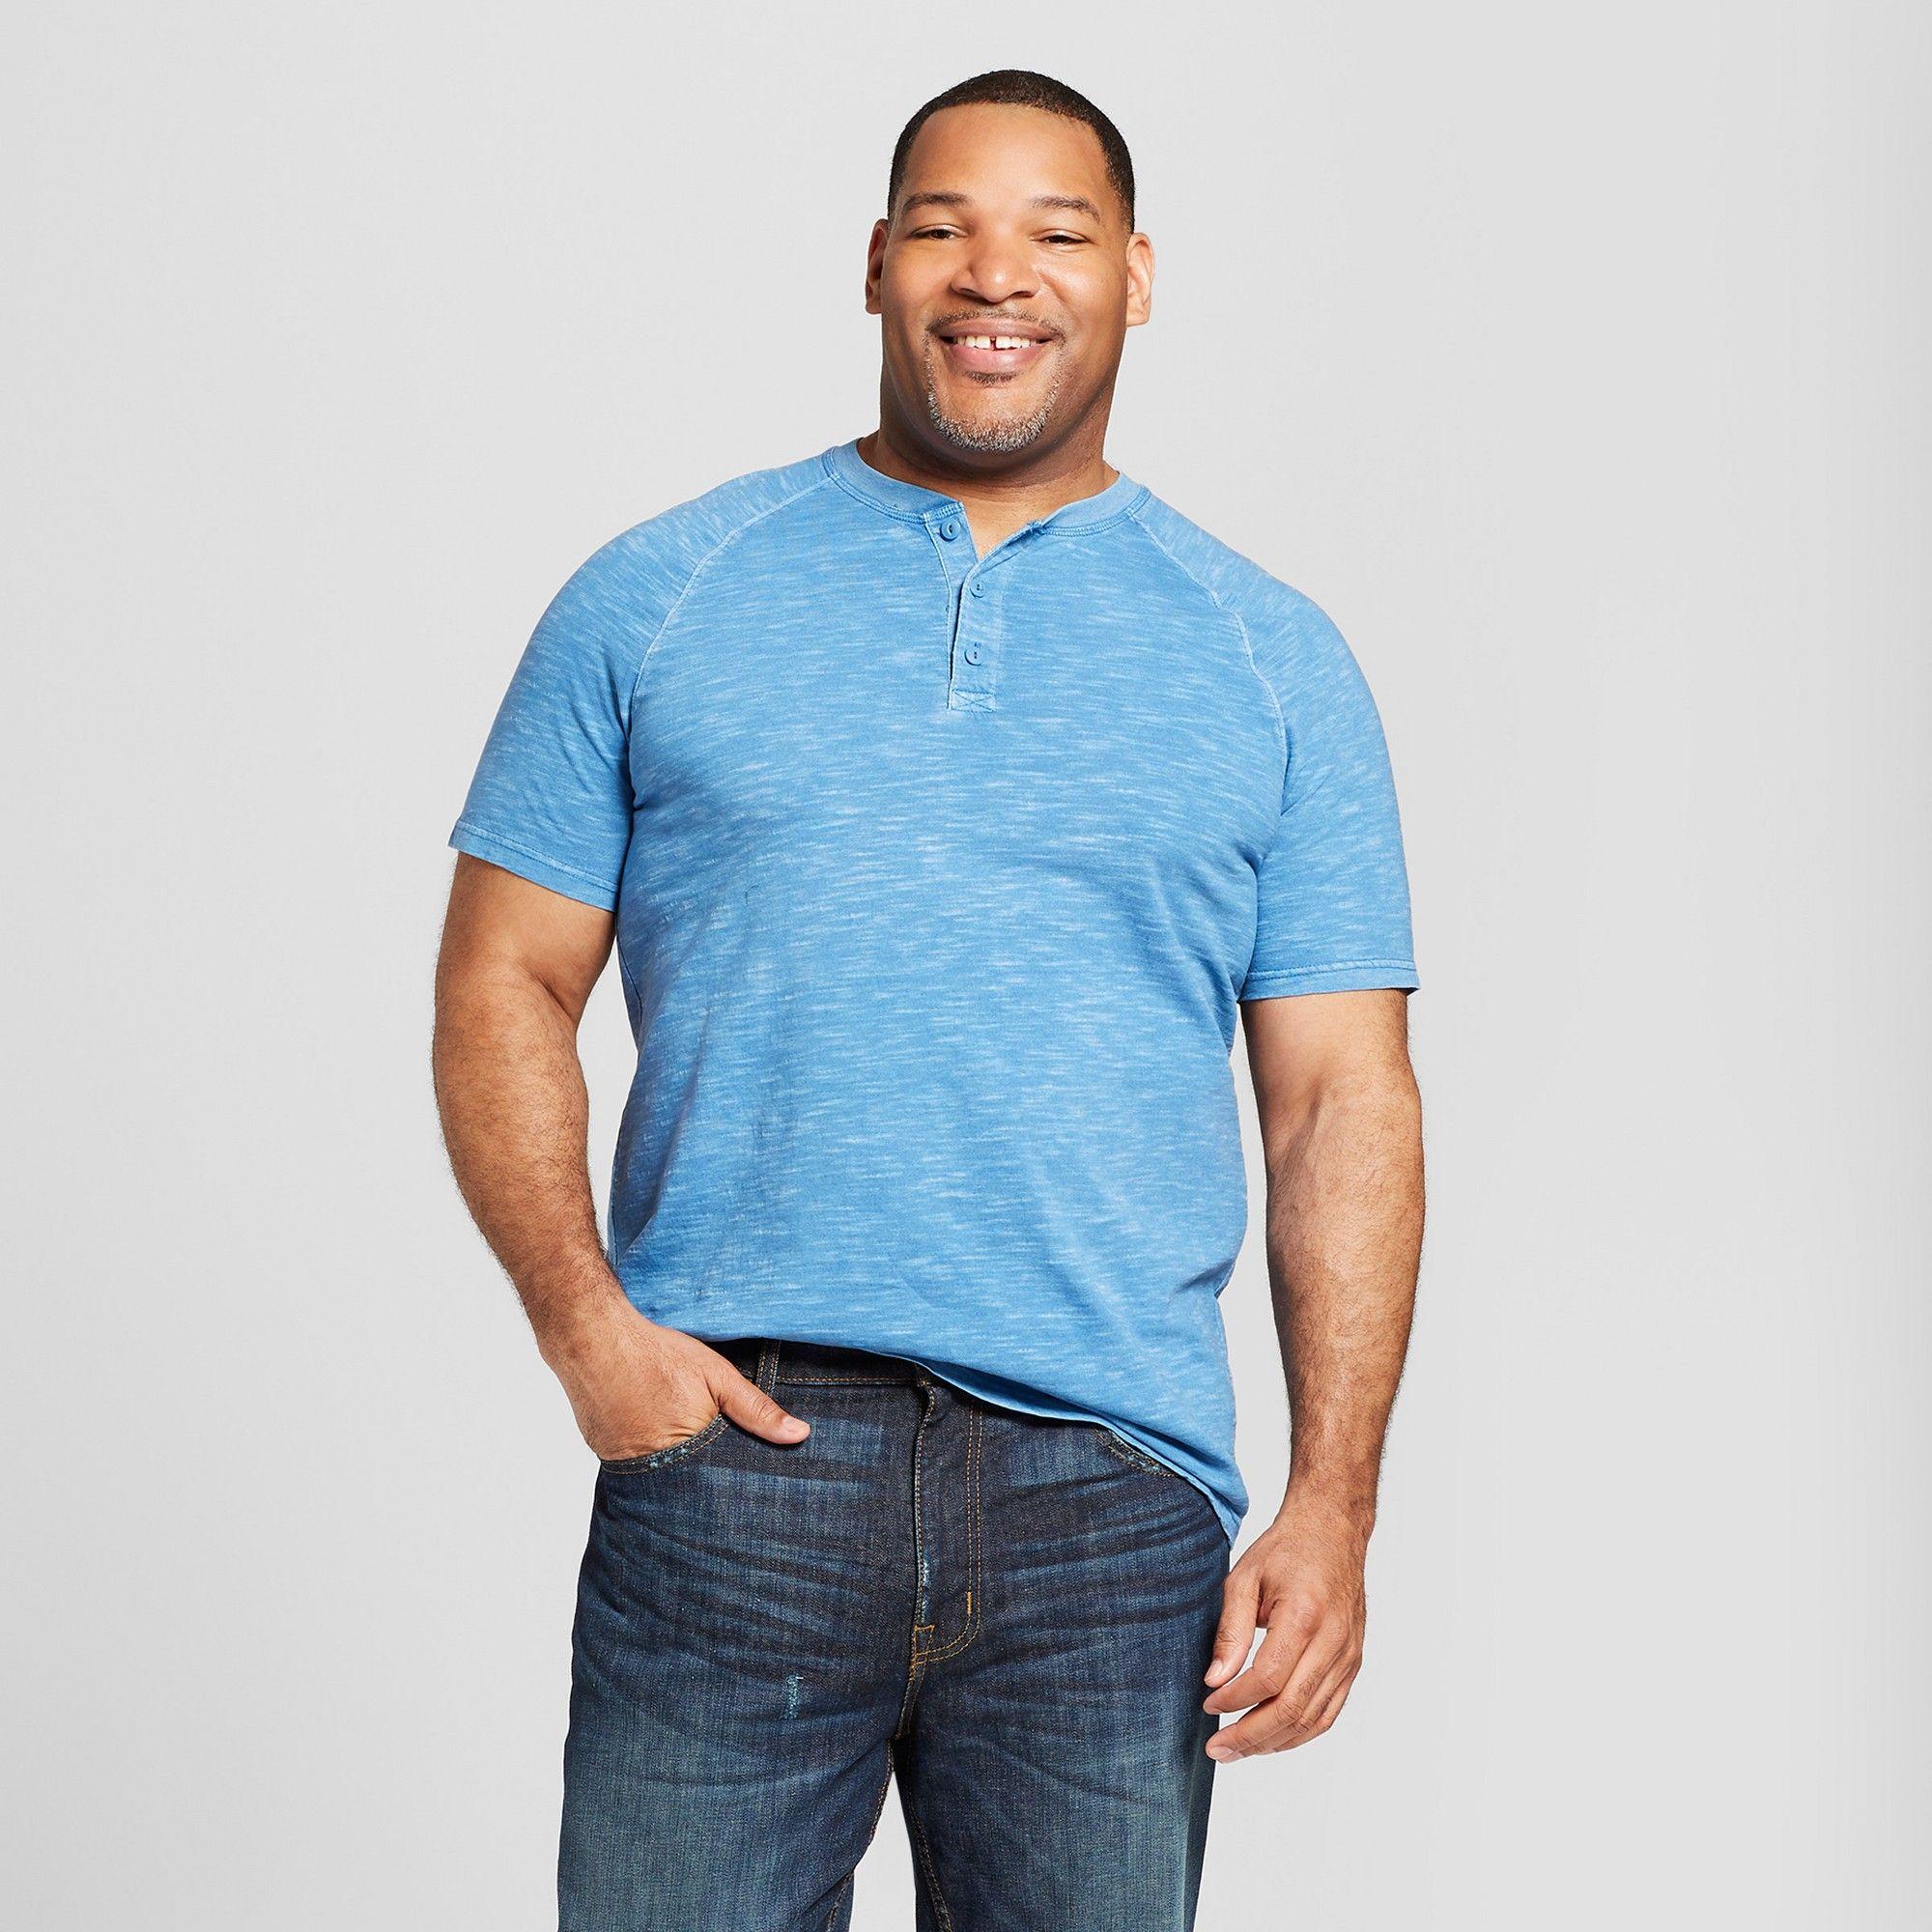 6762c971c5e8 Men's Big & Tall Short Sleeve Henley Shirt - Goodfellow & Co Blue Beam 5XBT